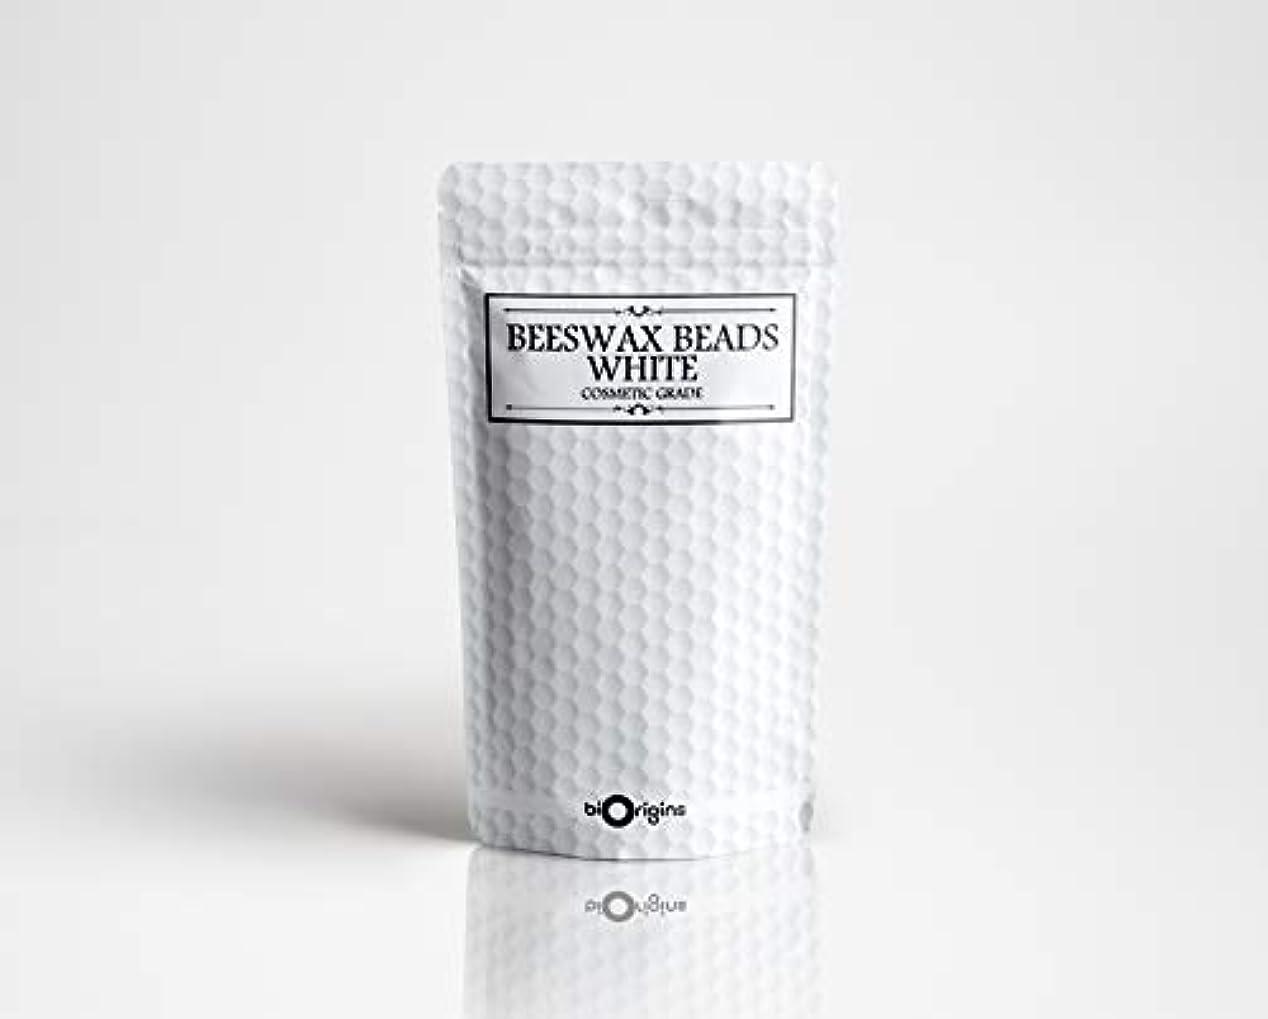 セットする縫い目権威Beeswax Beads White - Cosmetic Grade - 100g